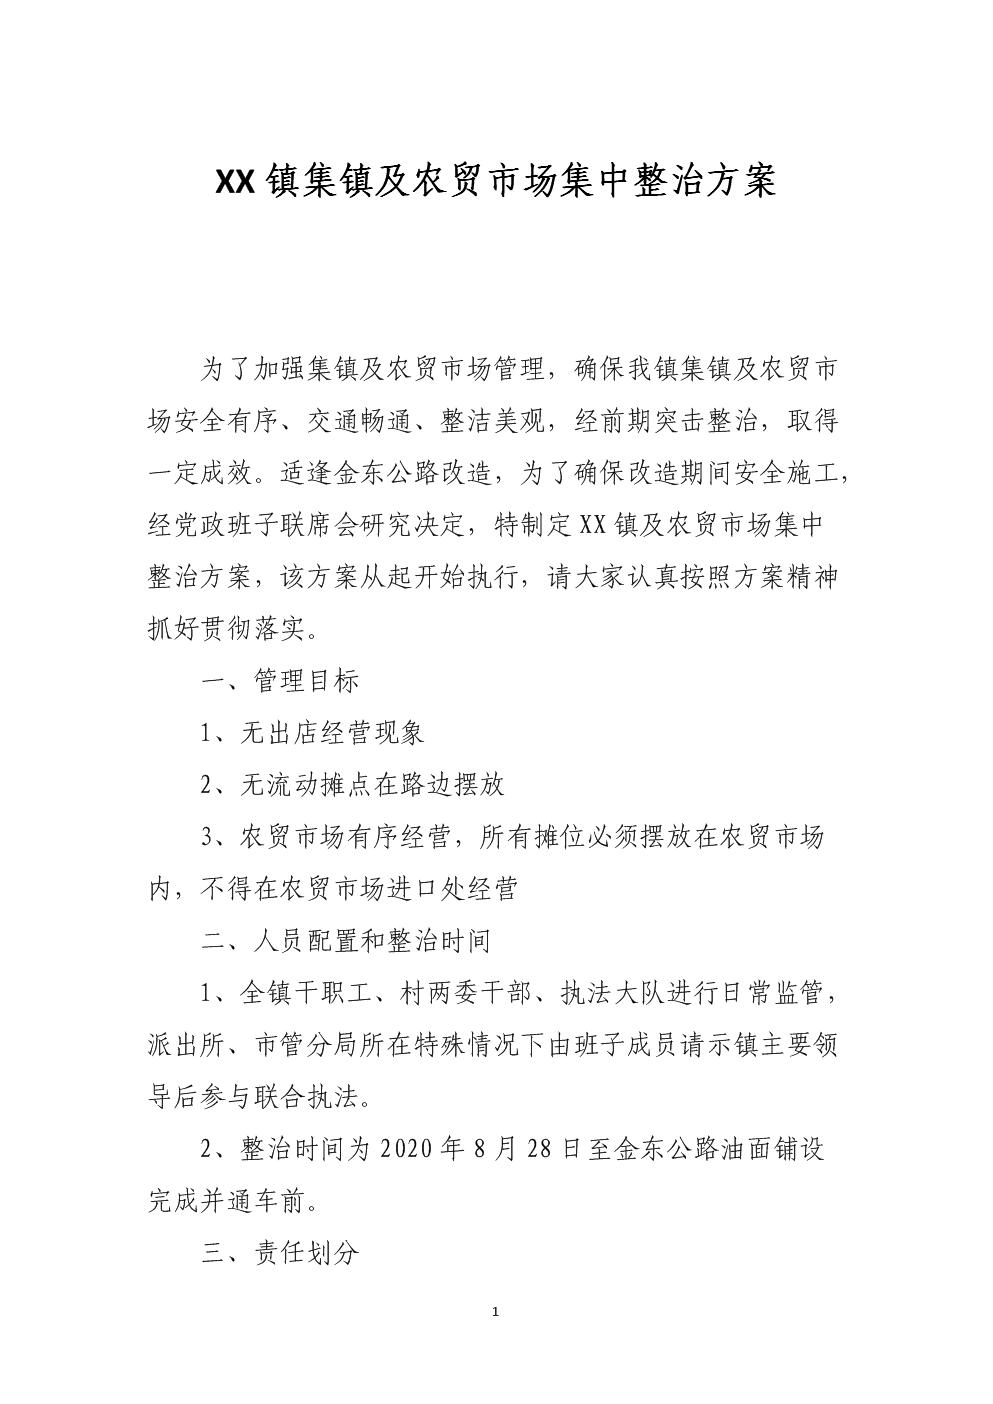 镇集镇及农贸市场集中整治方案.doc